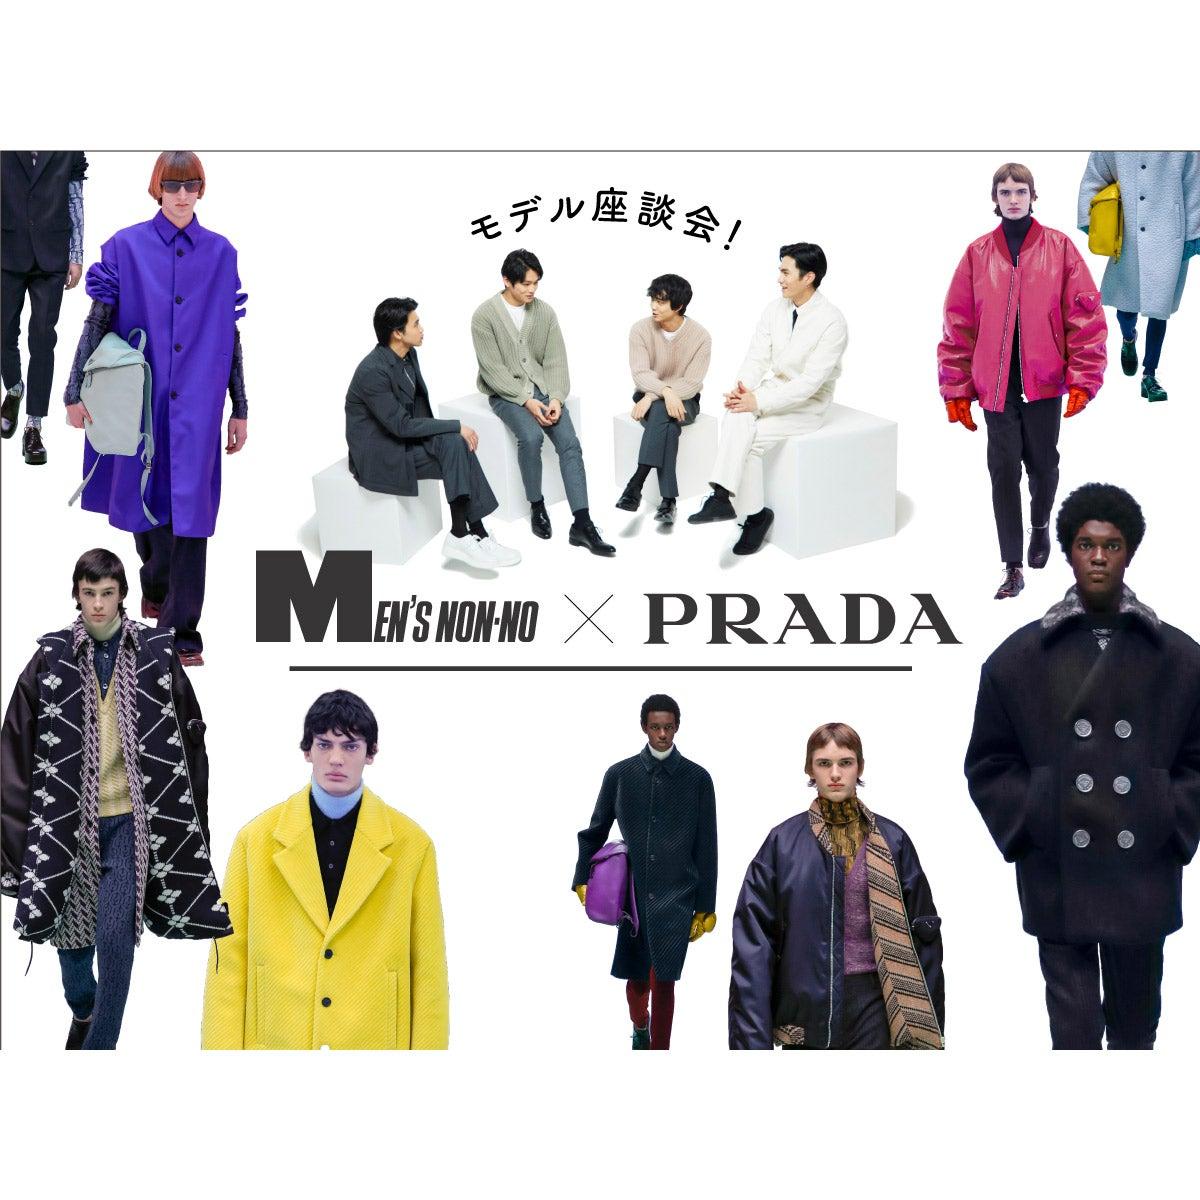 プラダ2021-22年秋冬メンズコレクションと、メンズノンノモデル座談会